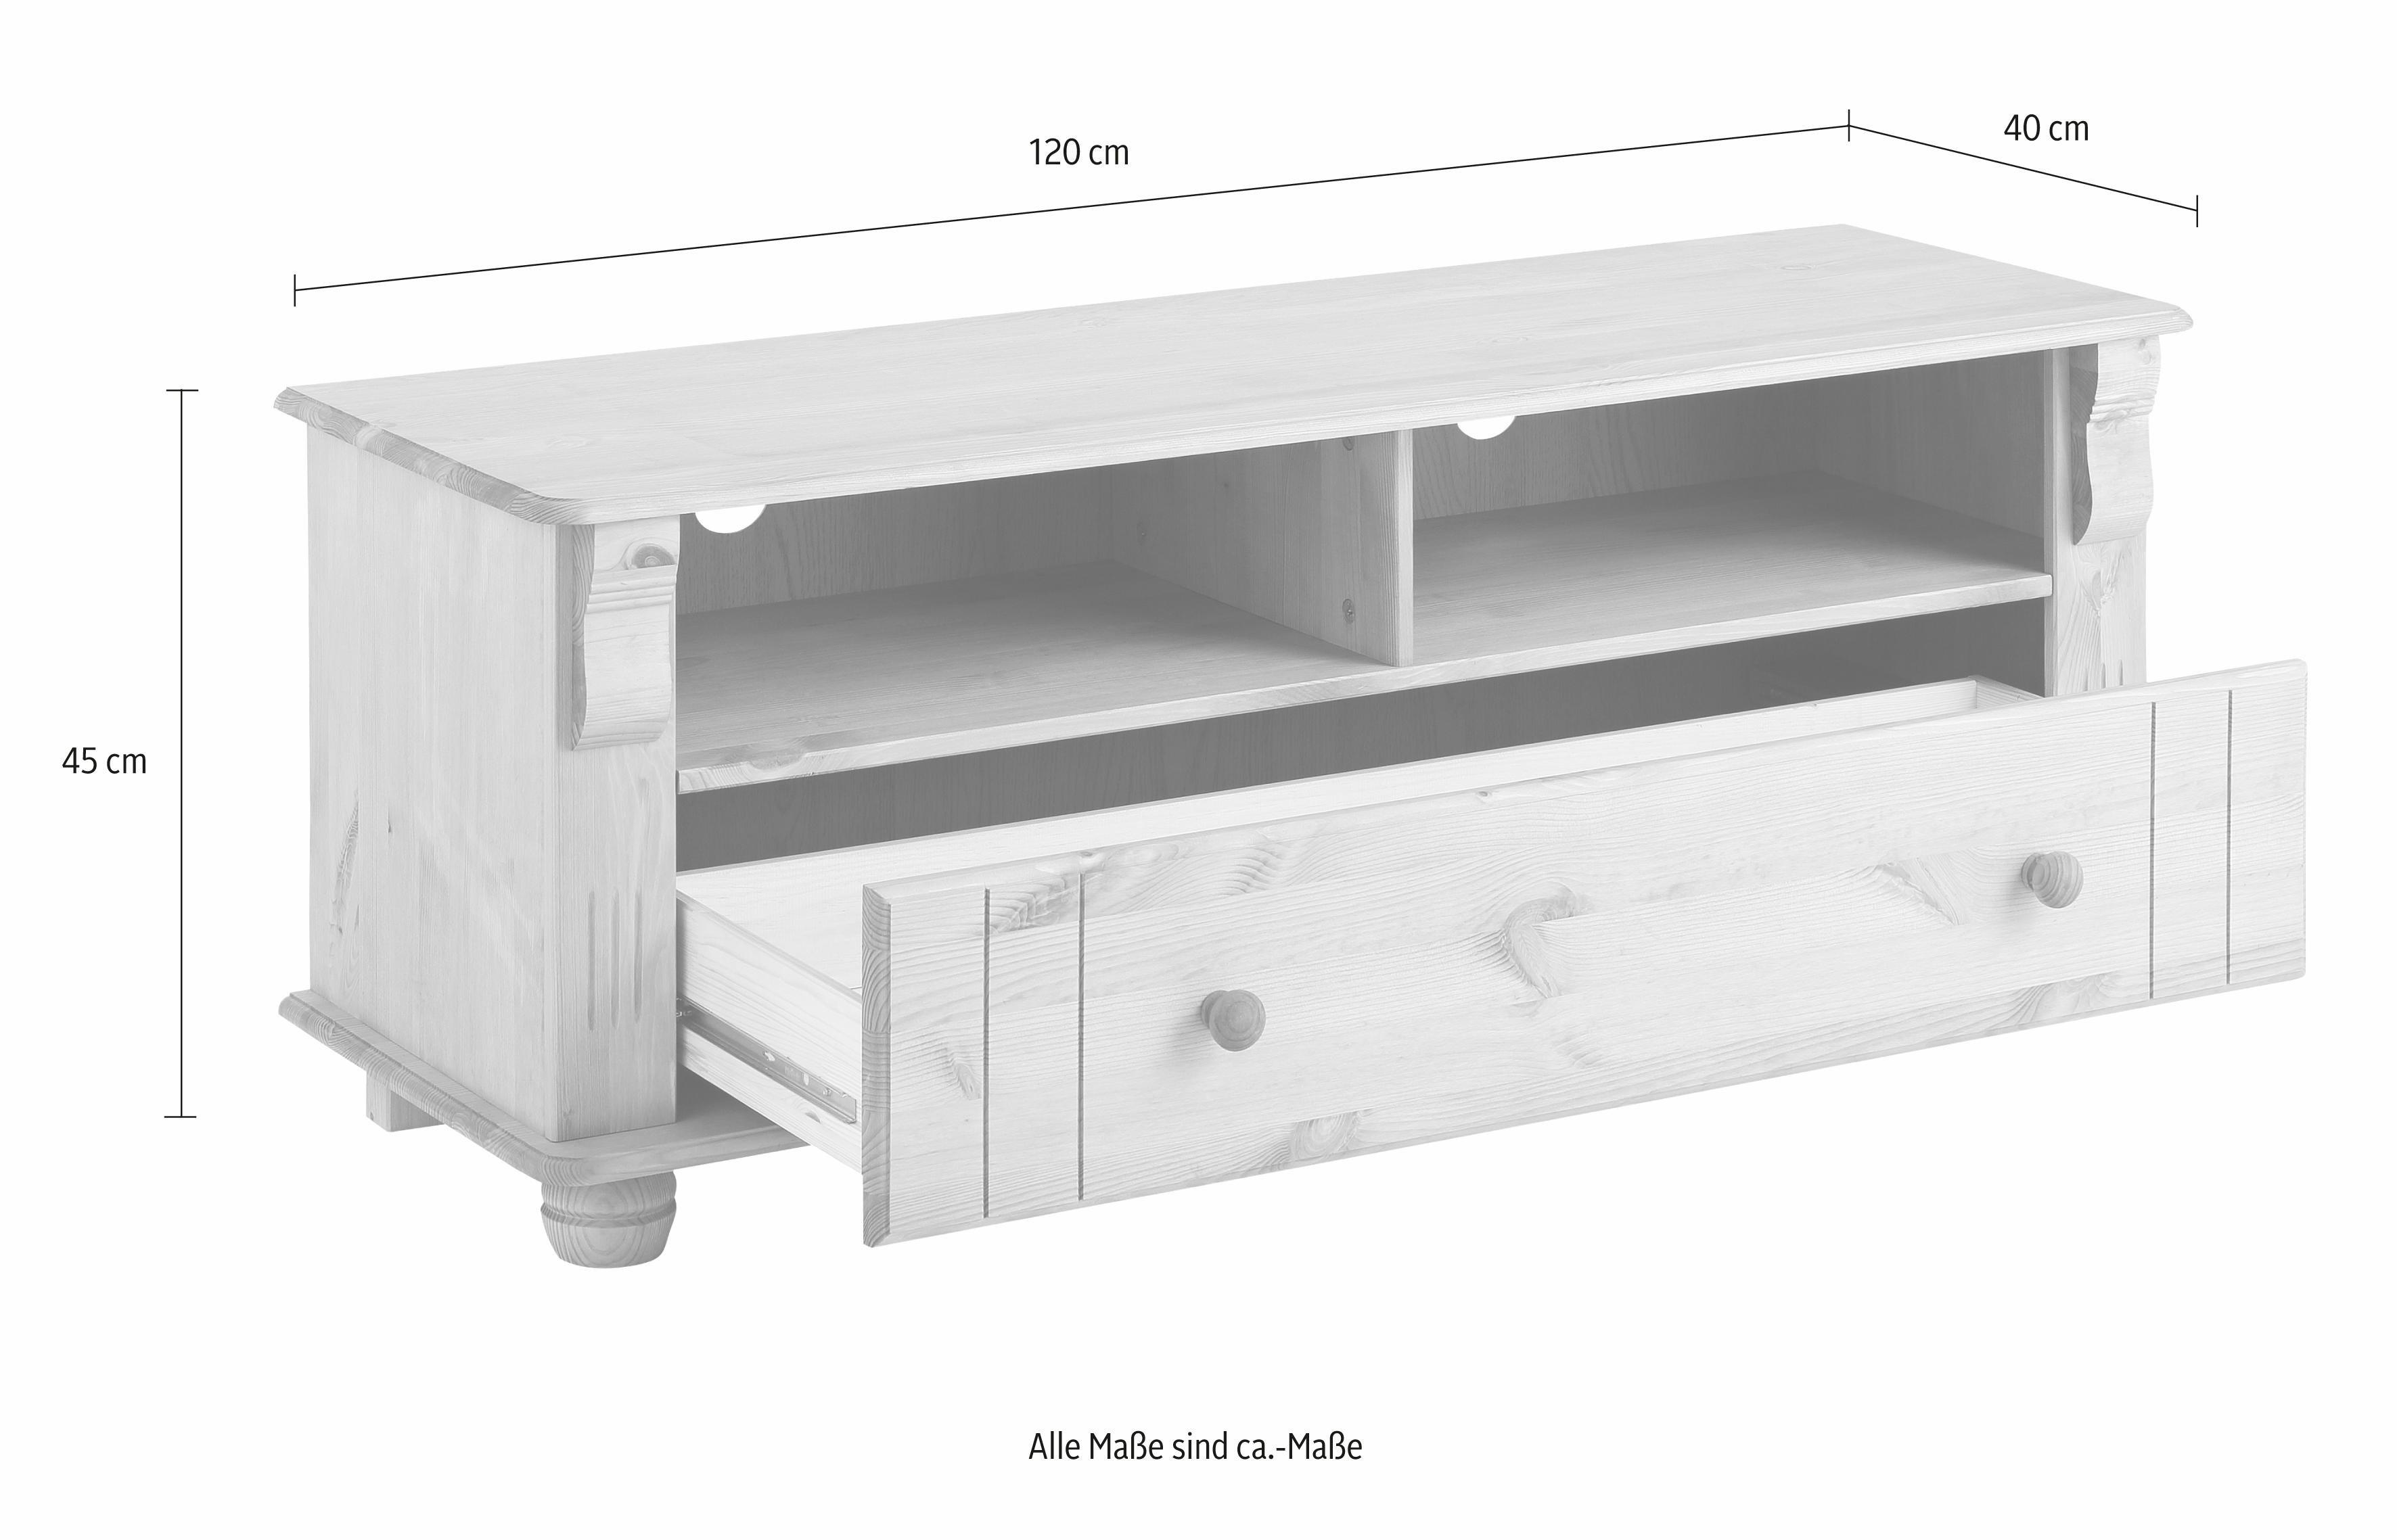 home affaire tv lowboard adele breedte 120 cm koop je bij otto. Black Bedroom Furniture Sets. Home Design Ideas